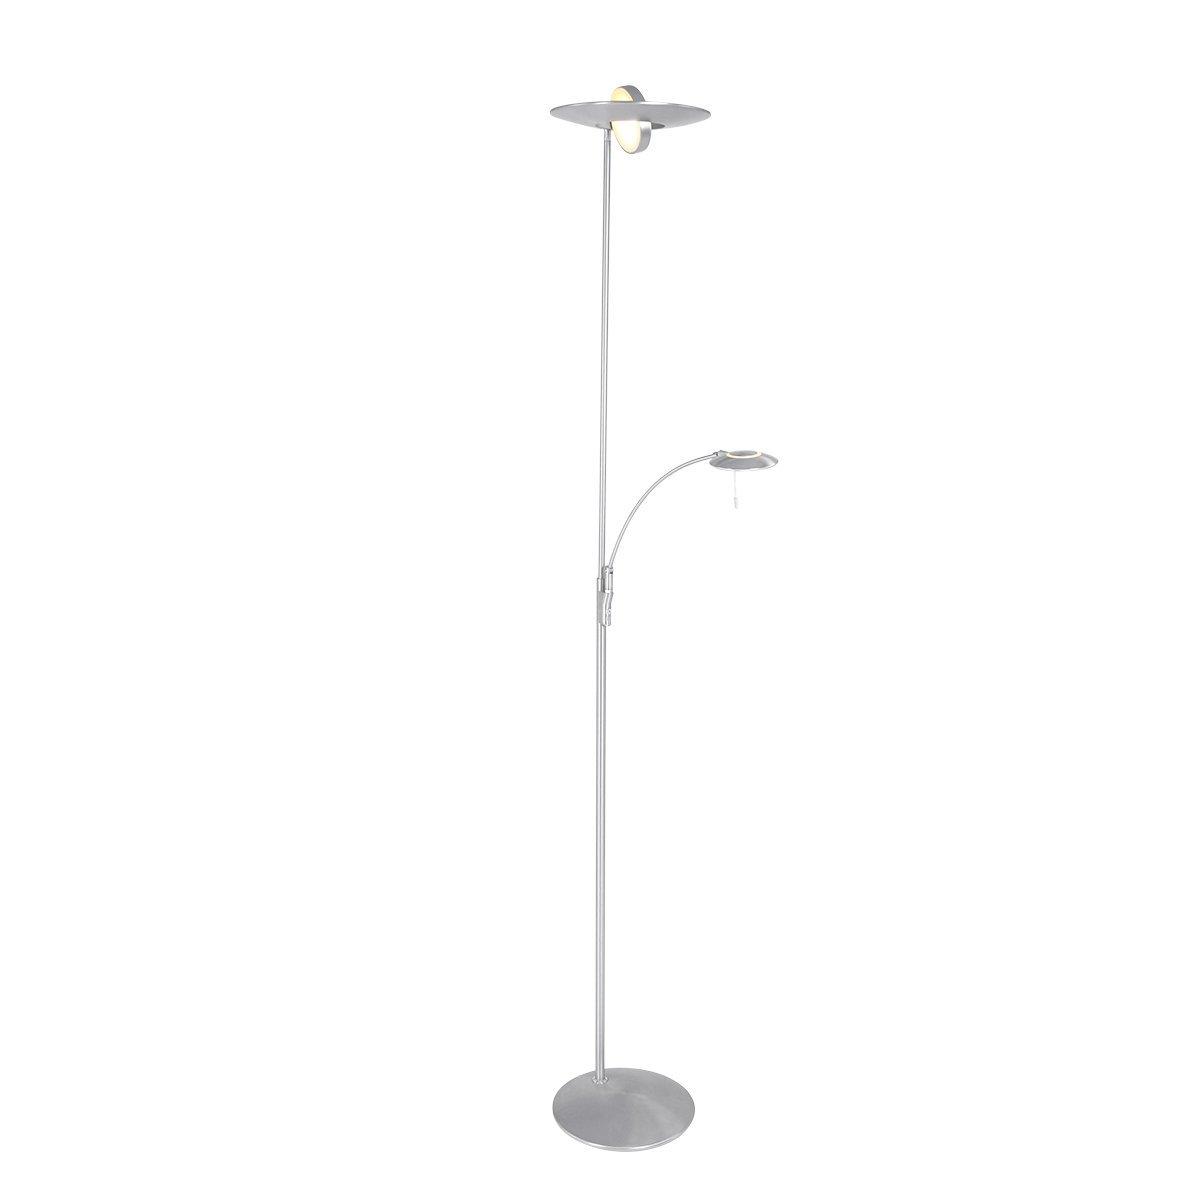 Vloerlamp Steinhauer Zenith Staal Uplight Met Leesarm